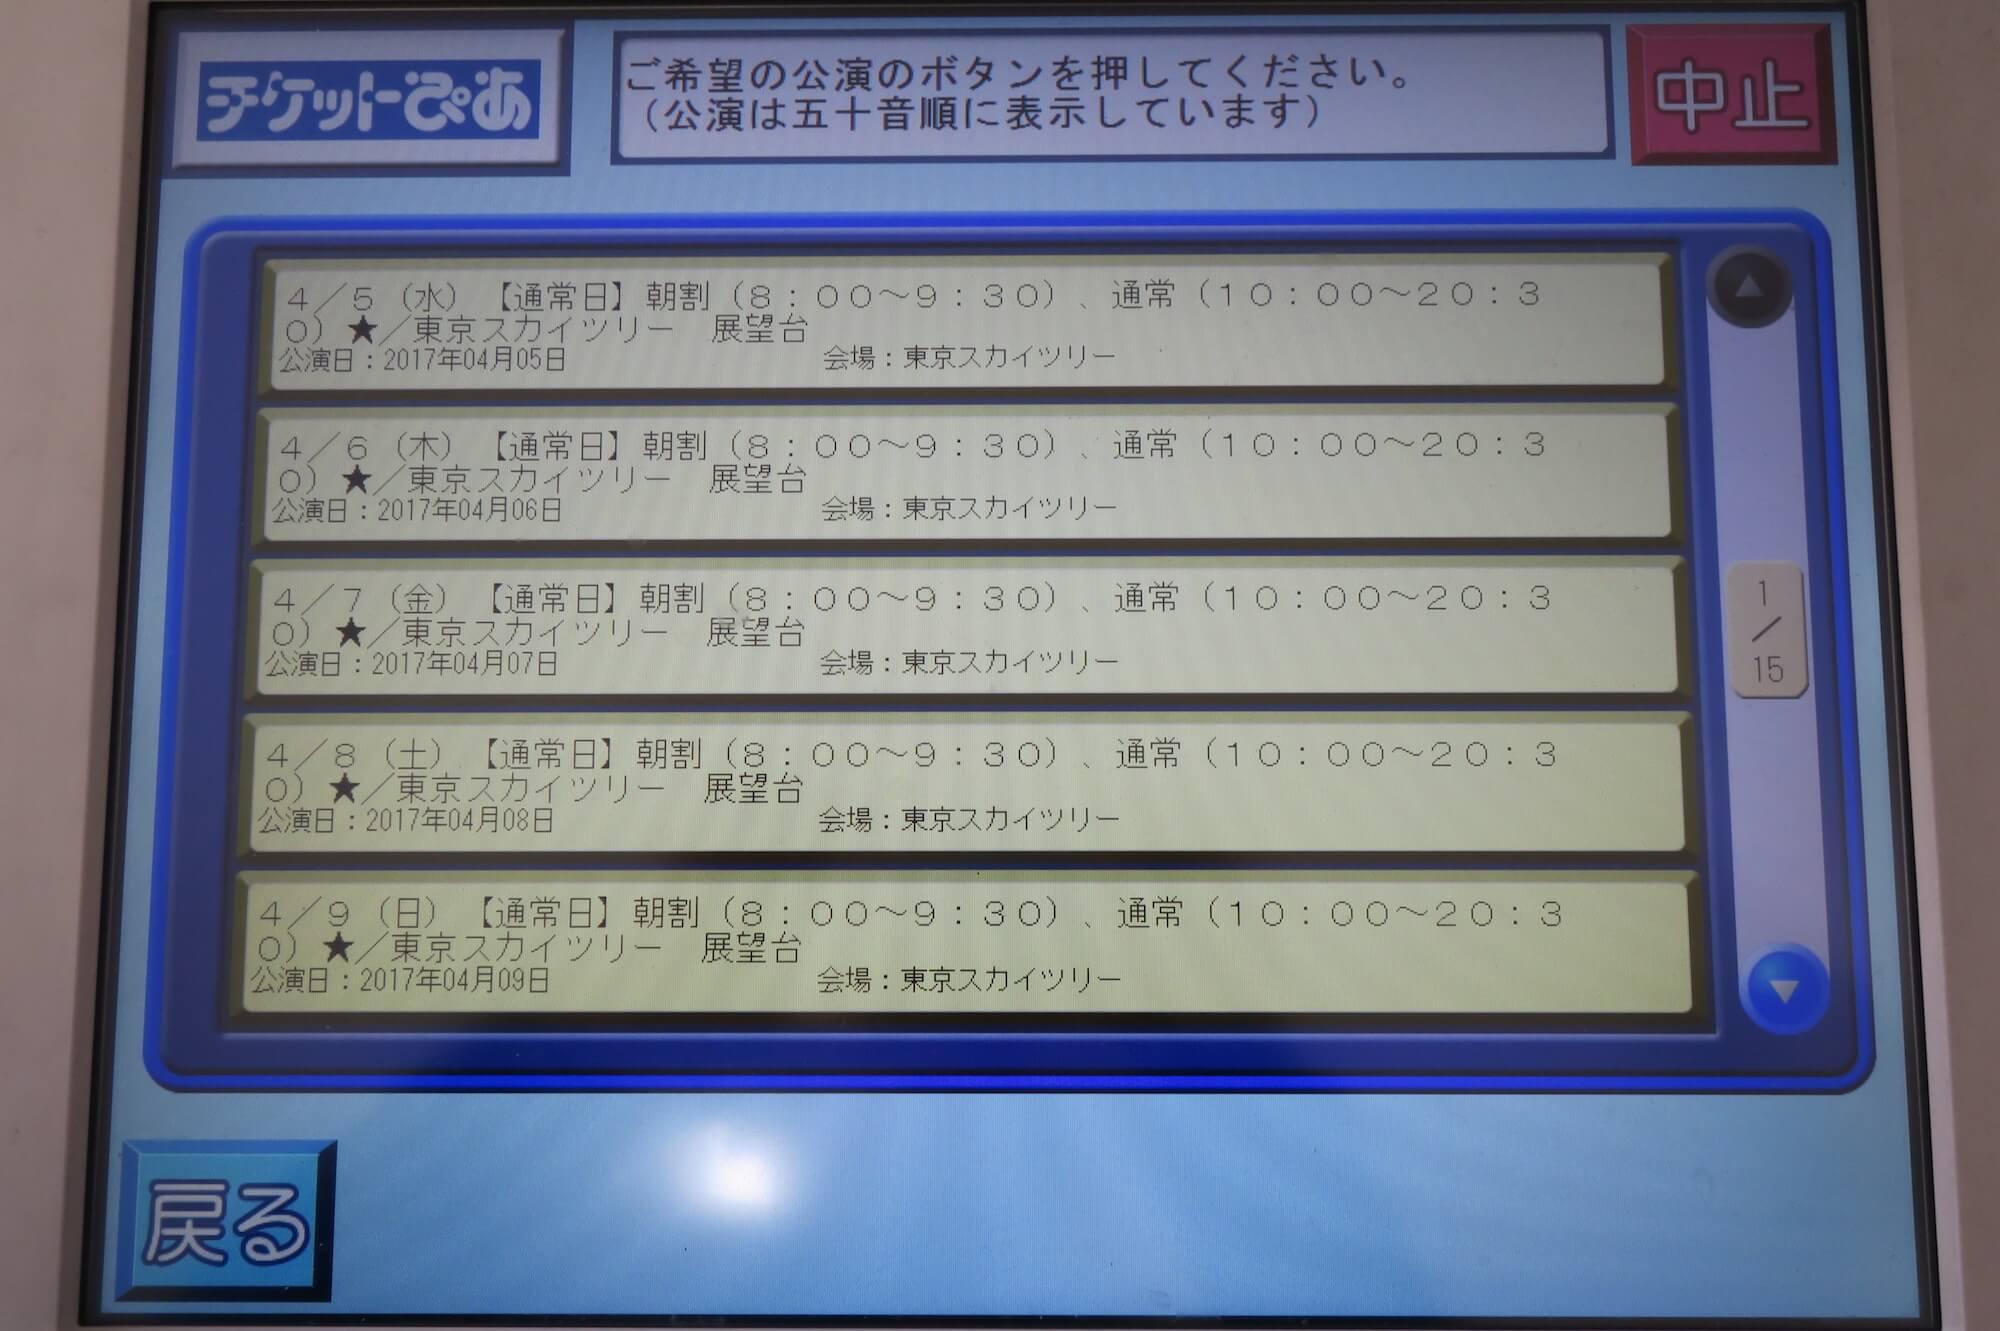 チケット発券機操作方法03